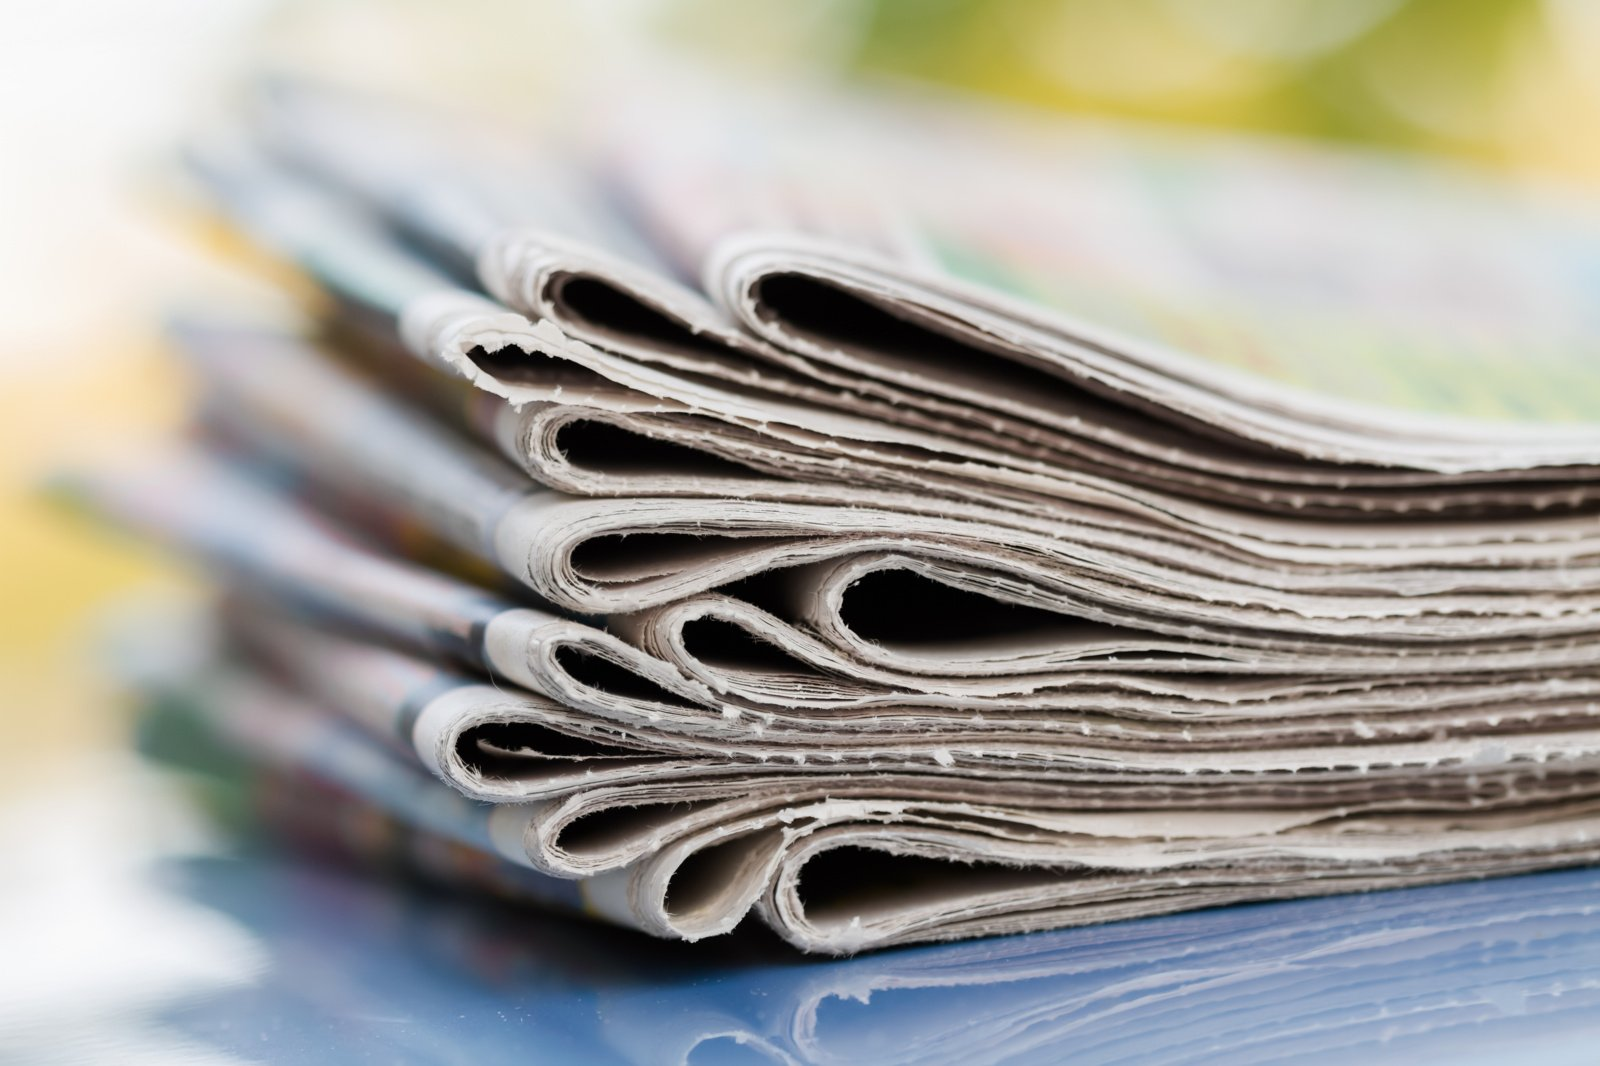 Susisiekimo ministerija siūlo mažinti periodinių leidinių pristatymo kainas kaimo vietovėse